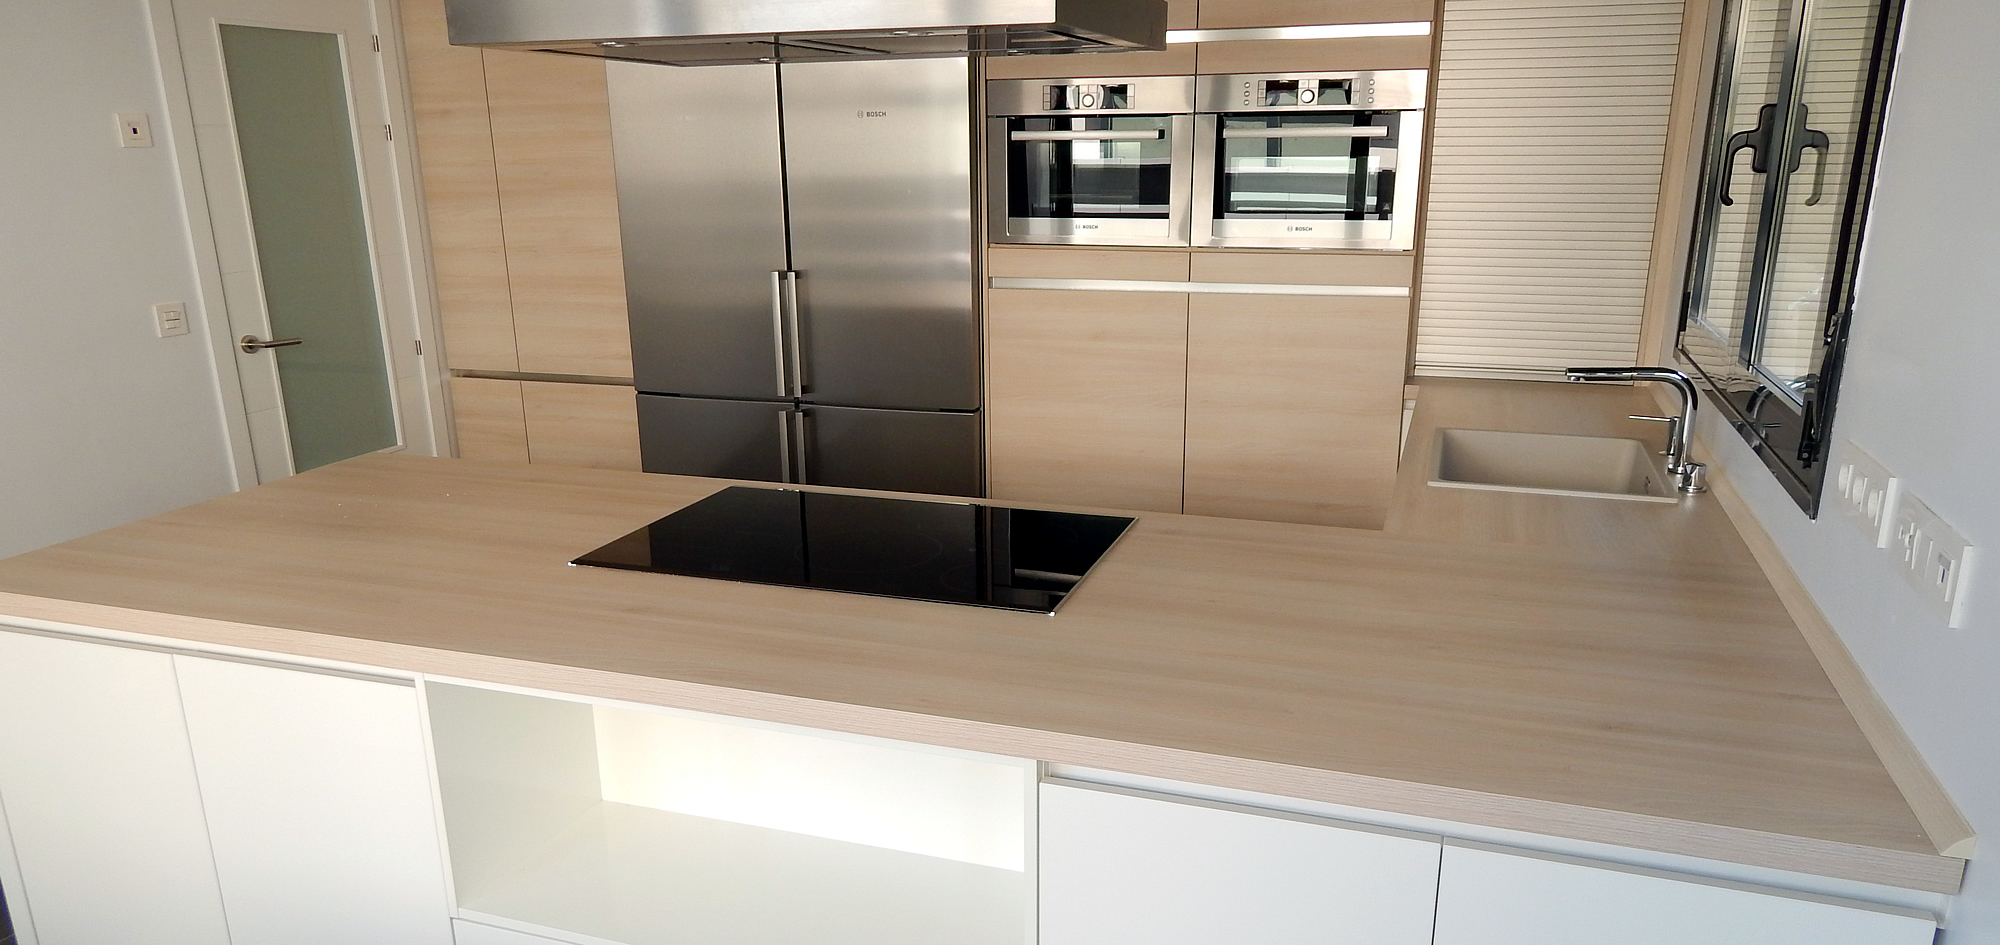 Muebles de cocina blanco alto brillo - Muebles de cocina merkamueble ...